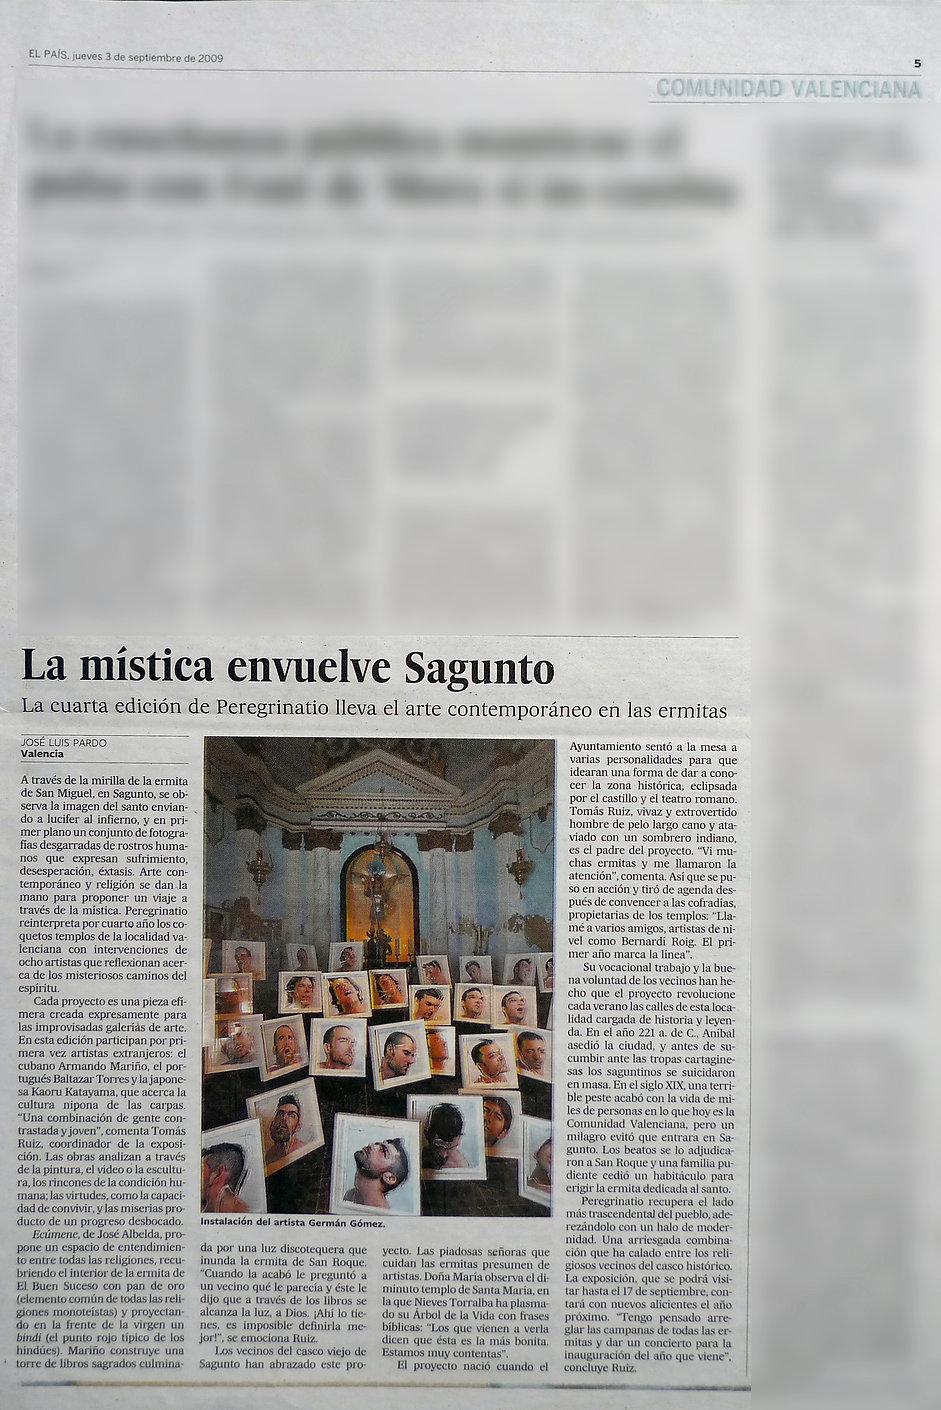 2009_09 El Pais peregrinatio_desenfo.jpg